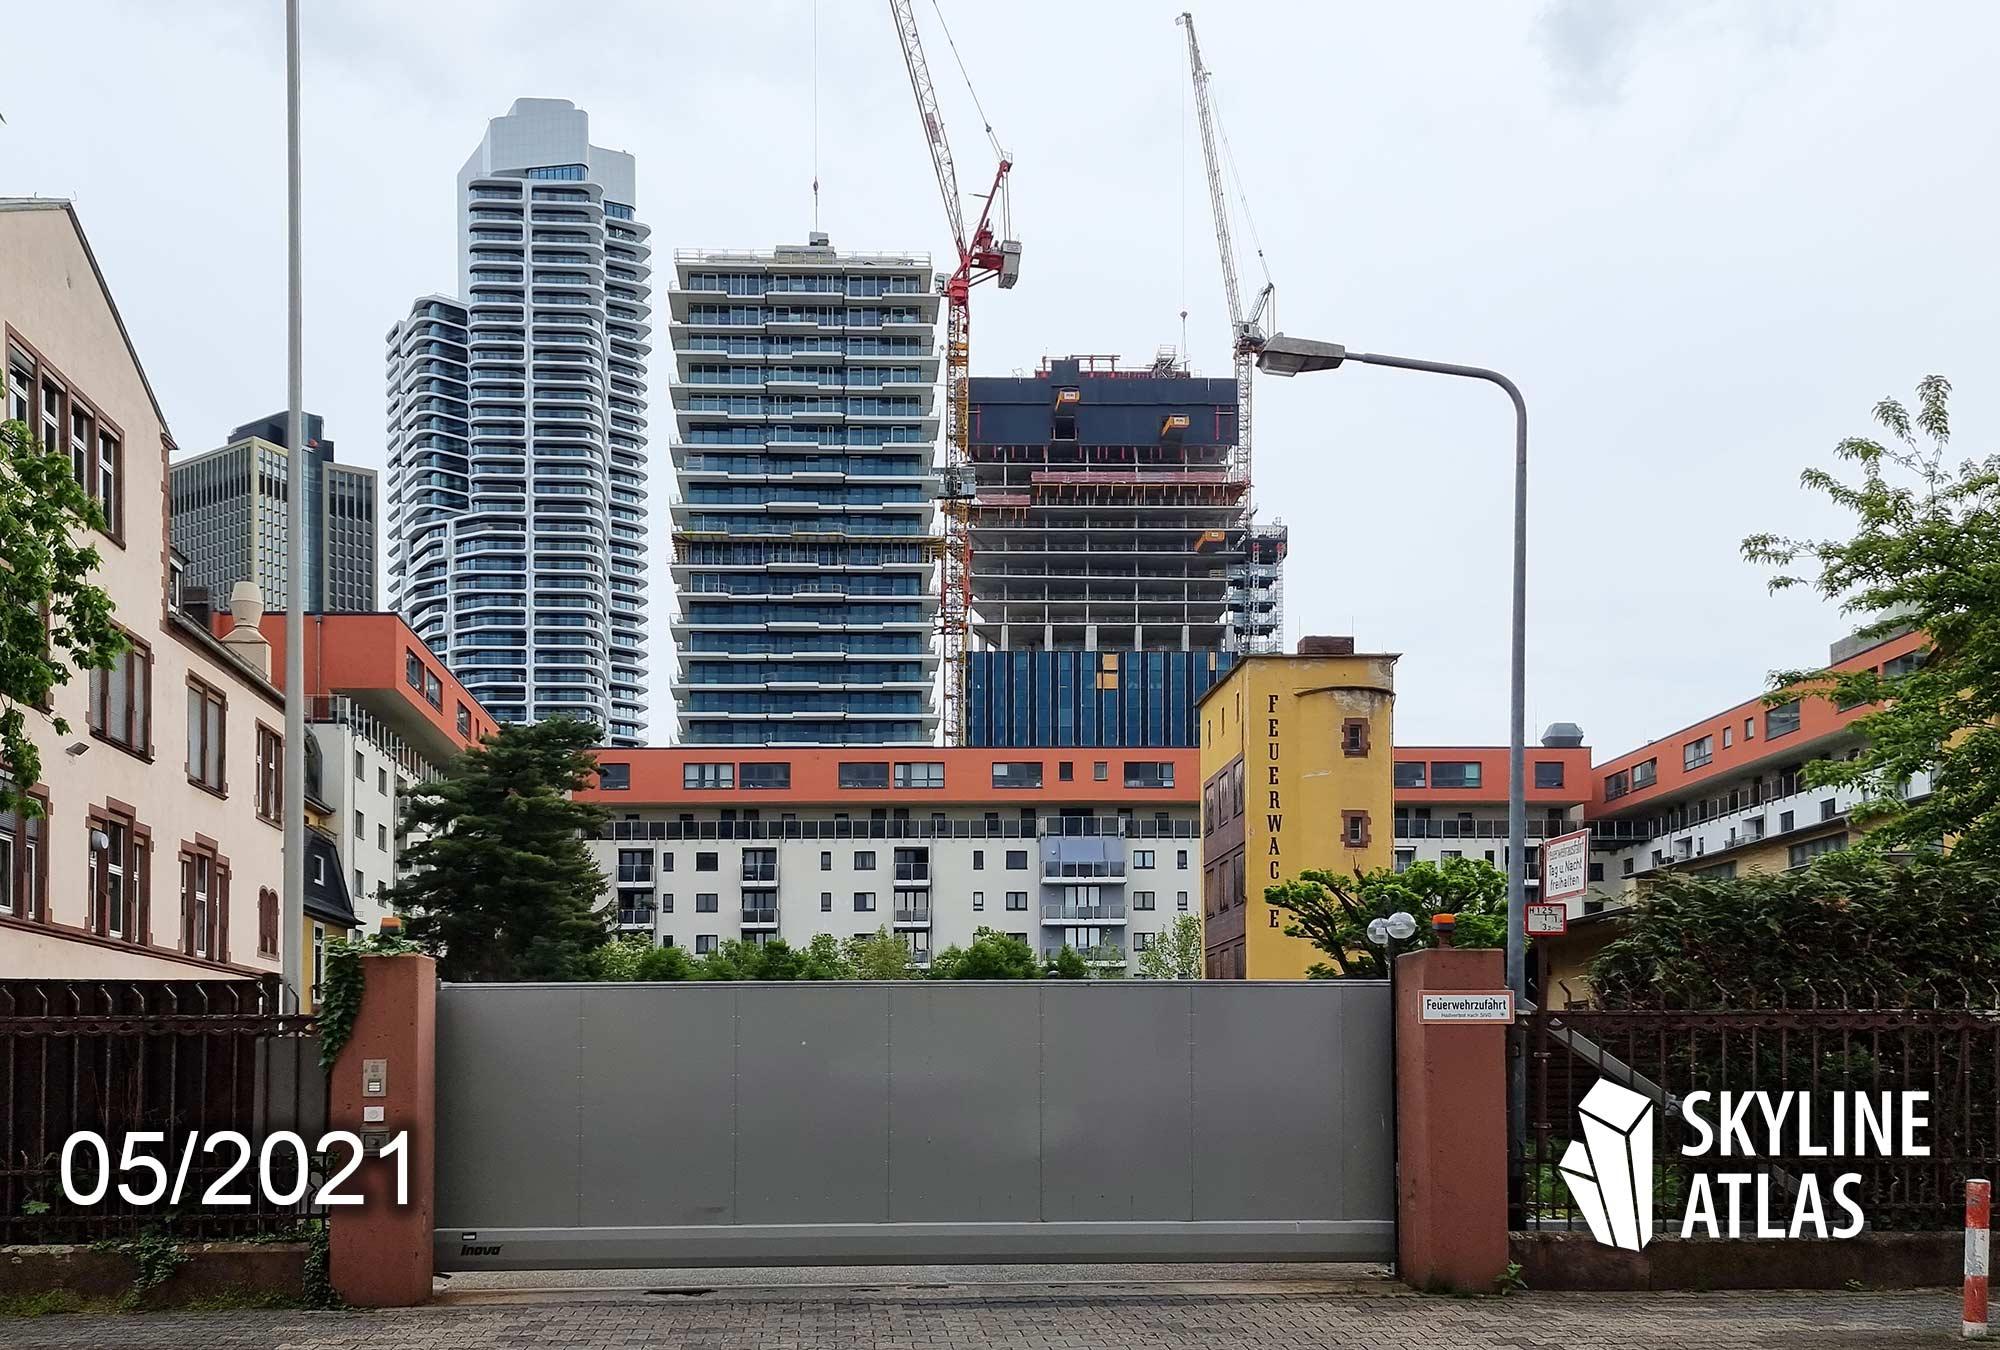 Eden Tower Frankfurt - Eden Frankfurt - Baustelle Mai 2021 - Wohnungen Europaviertel - Eden Tower Wohnungen - Projektentwickler Immobel